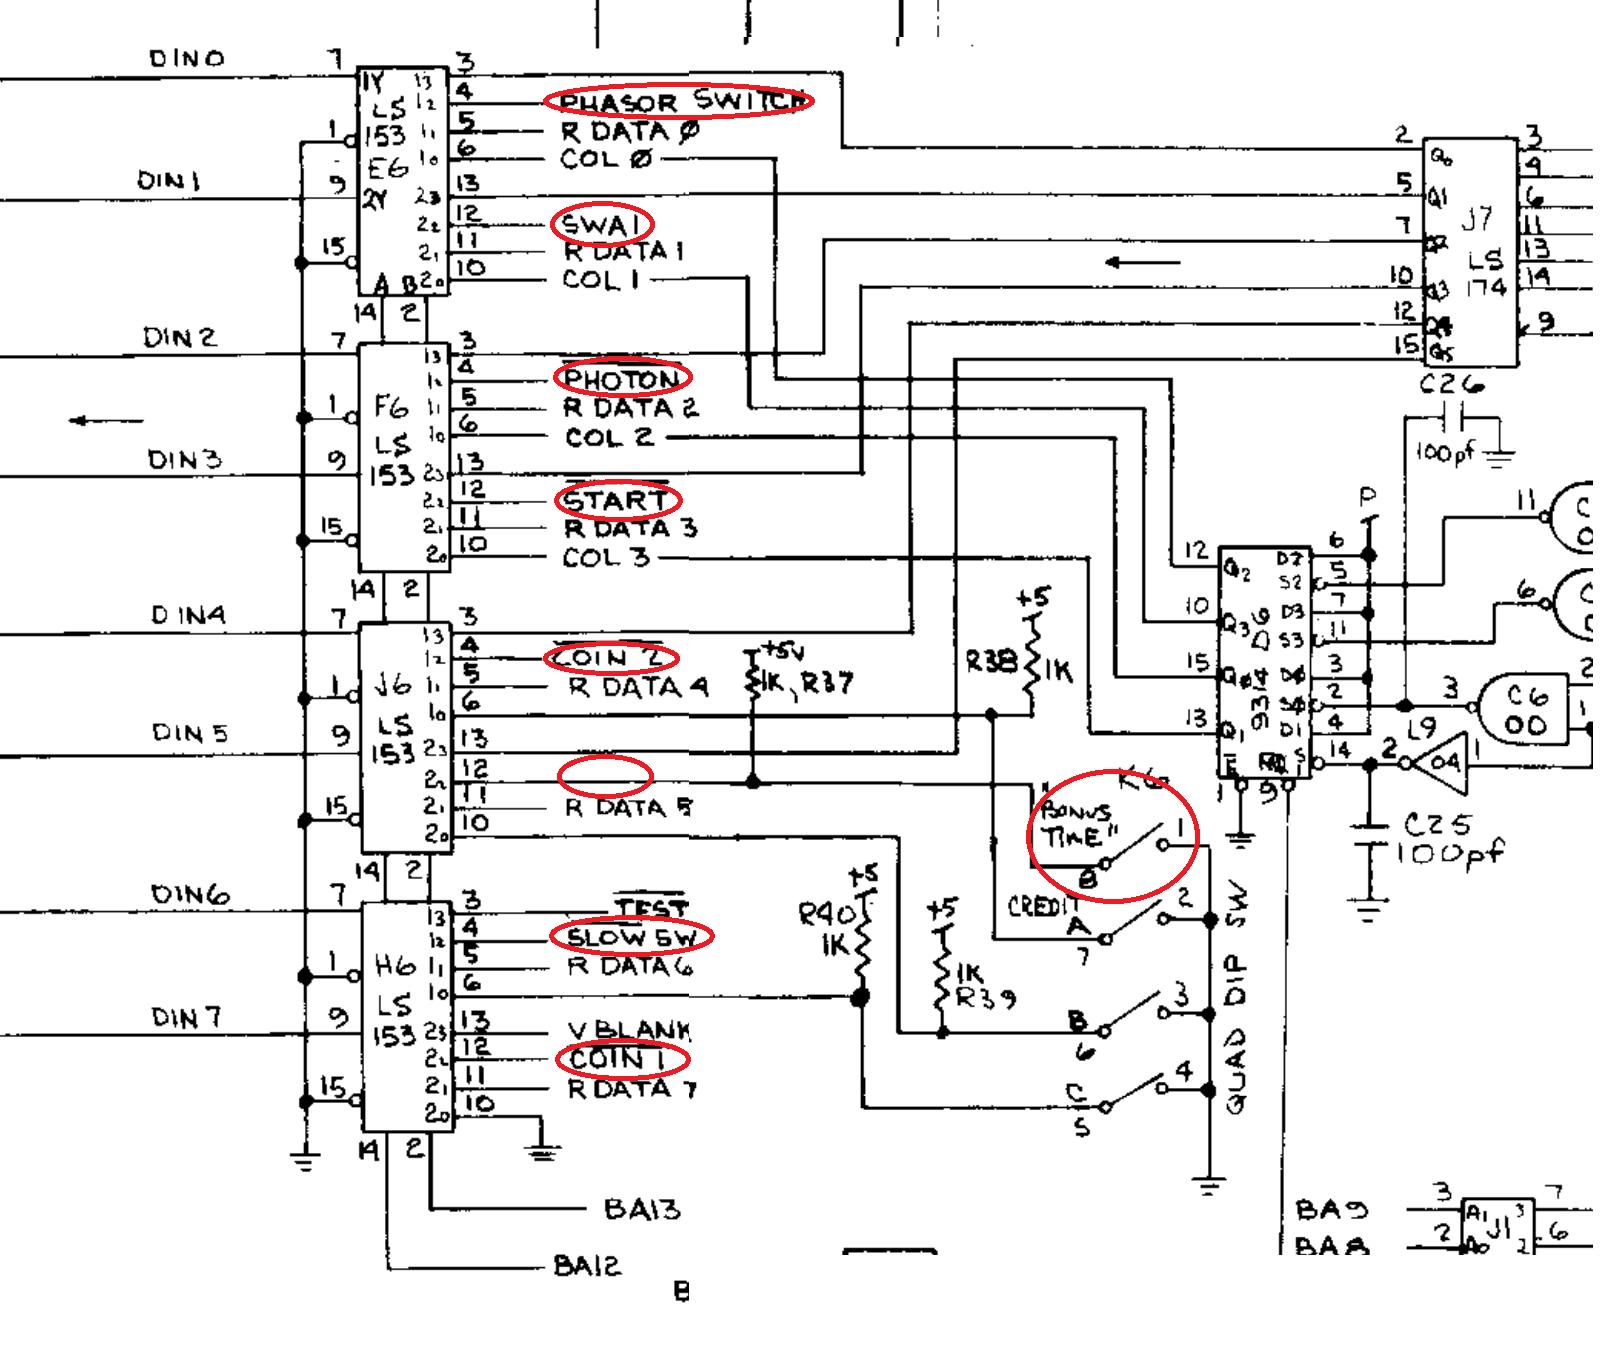 medium resolution of llv wiring diagram 88 box wiring diagram suburban wiring diagram llv wiring diagram 88